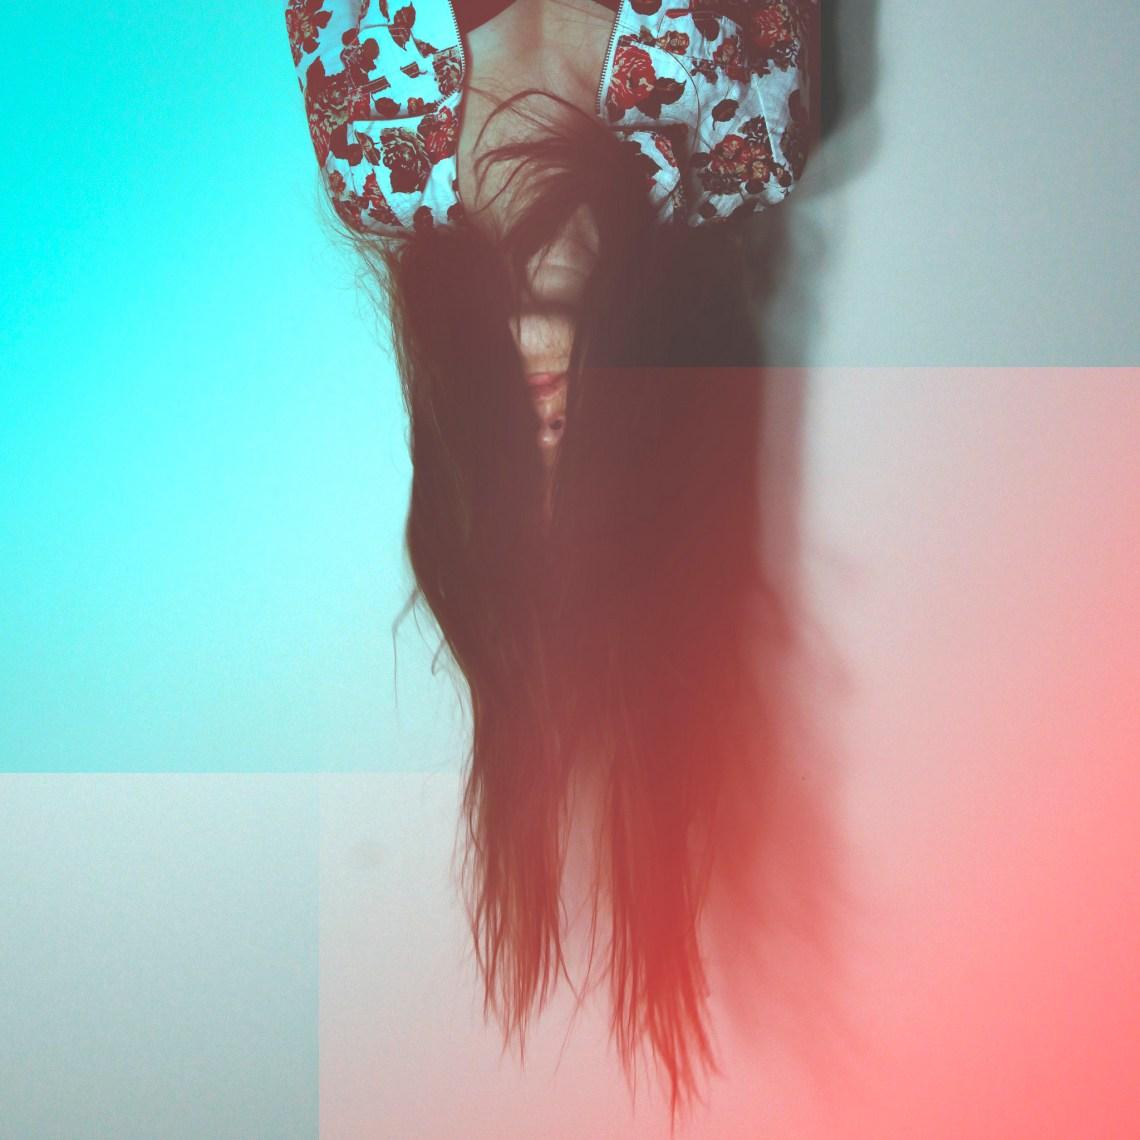 image - Flickr / Giulia Bartra